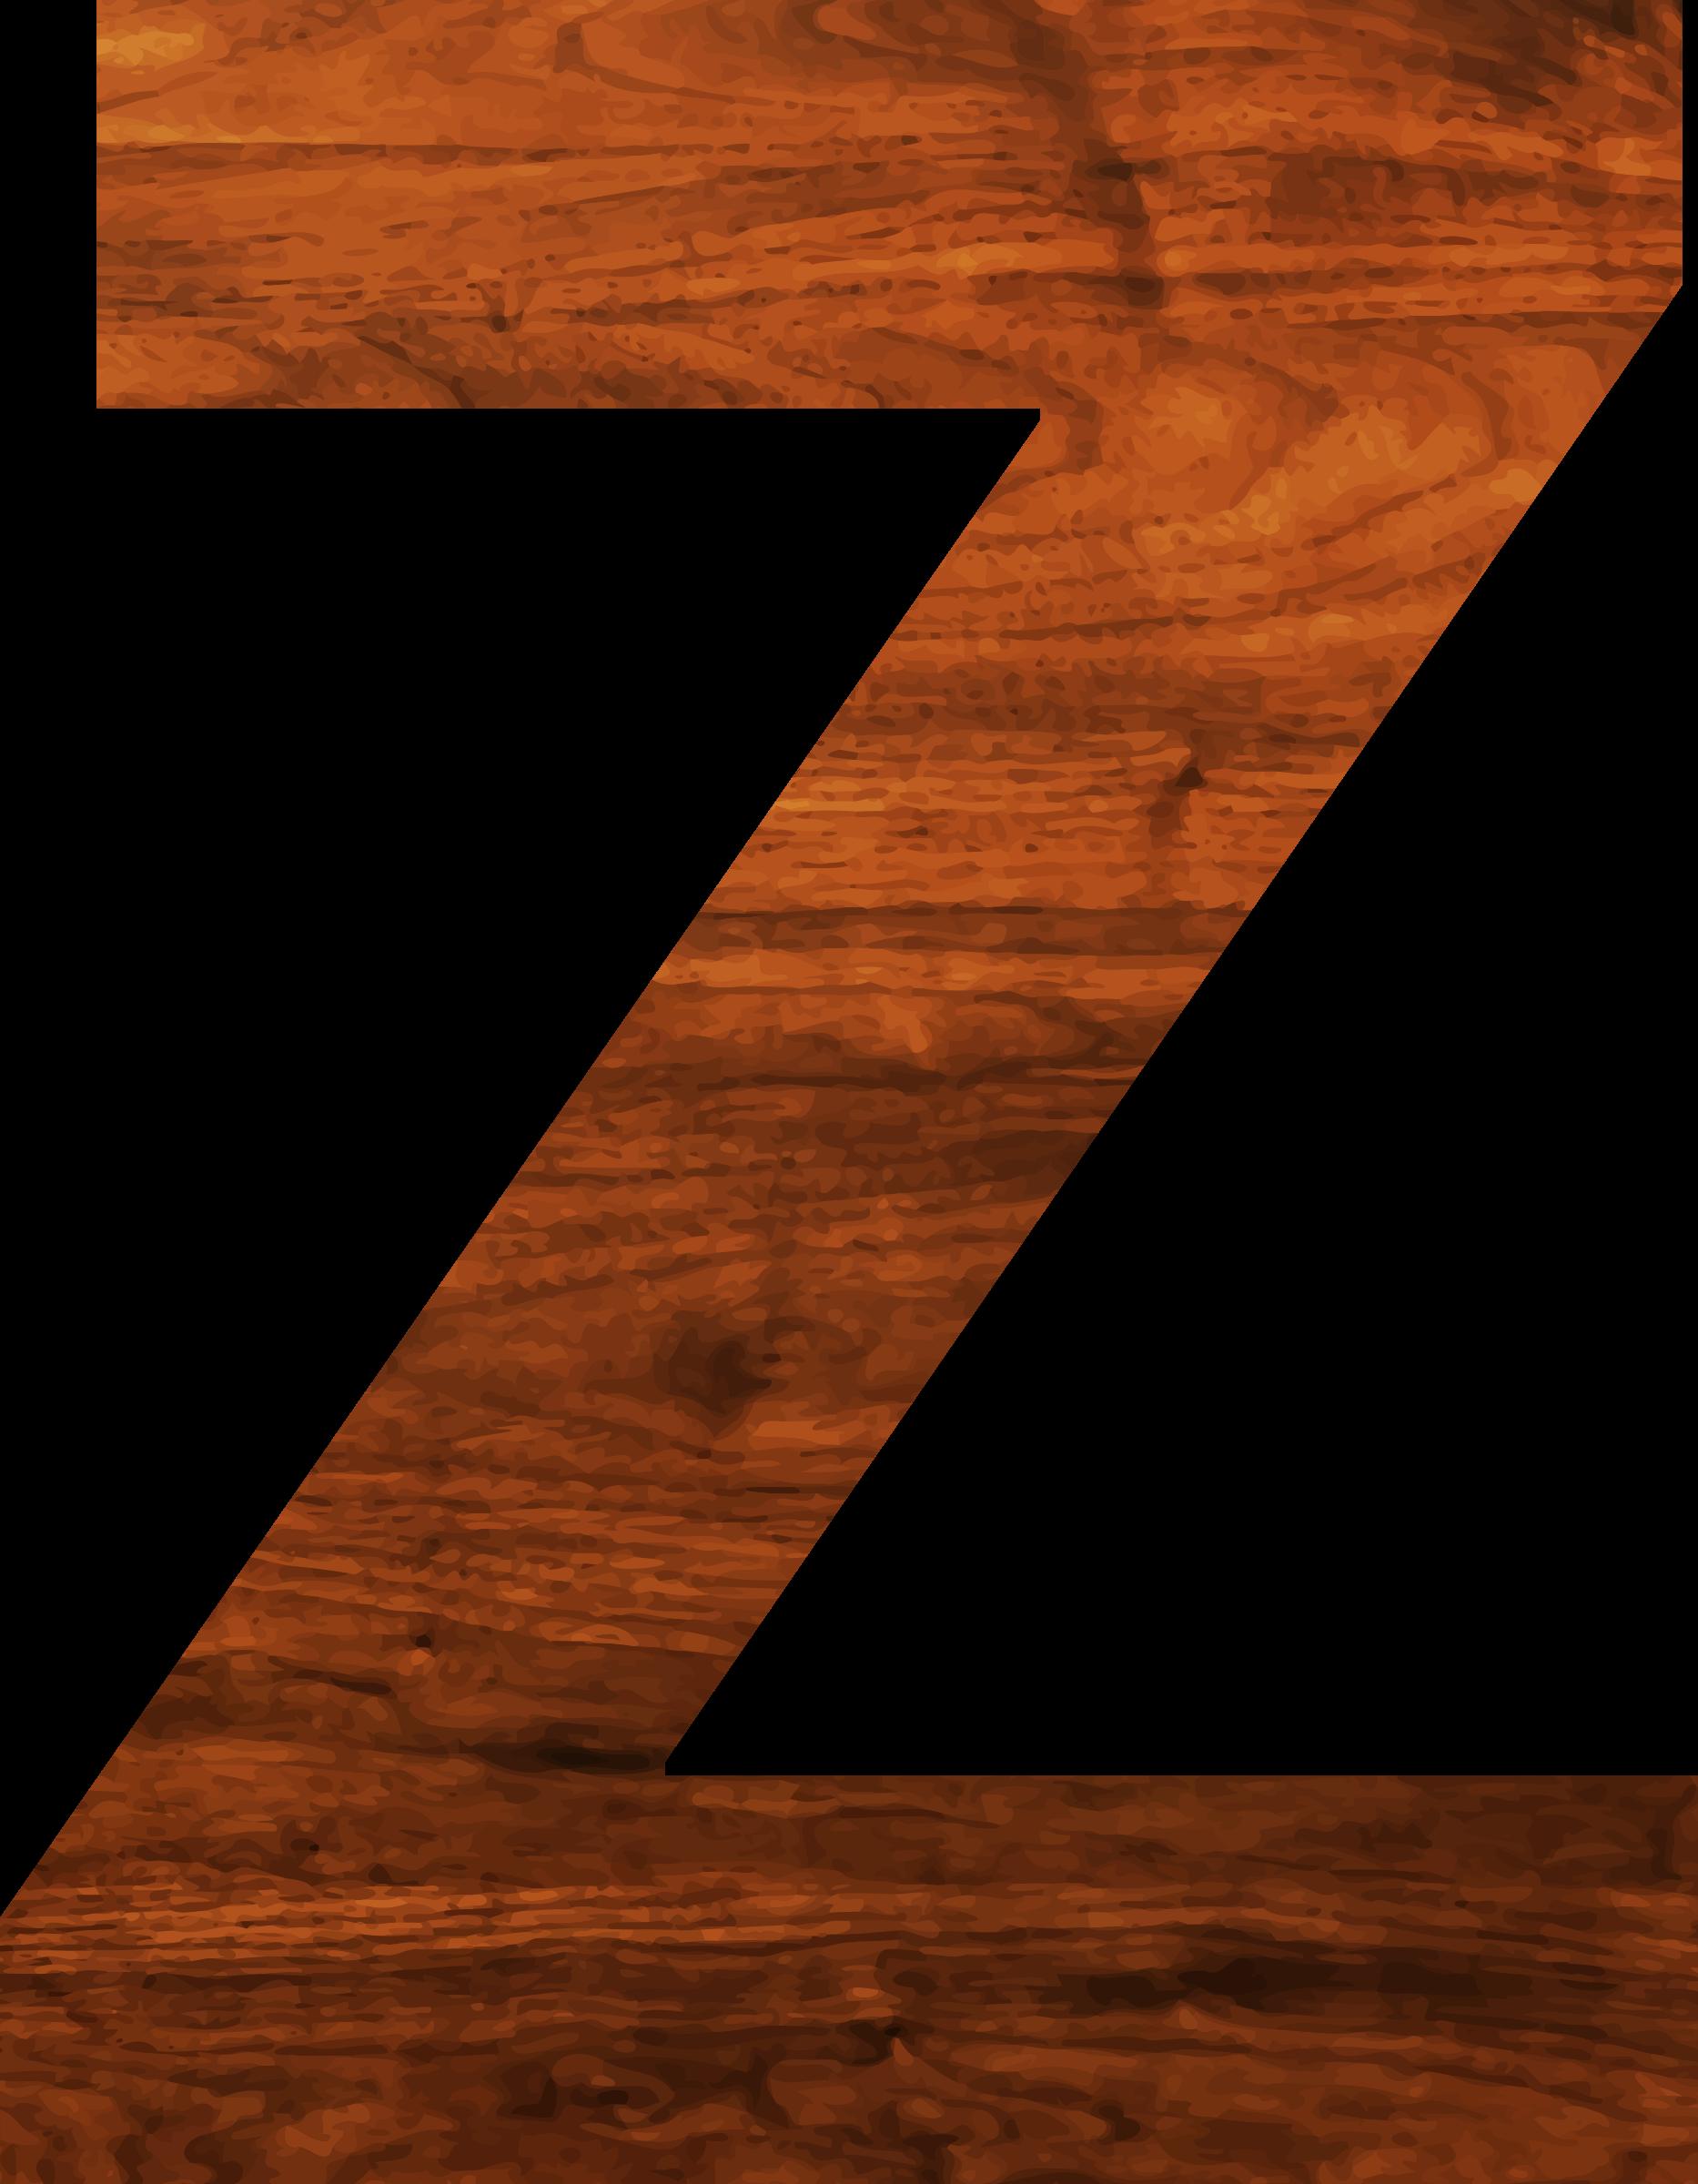 Floor clipart wooden floor. Wood texture alphabet z